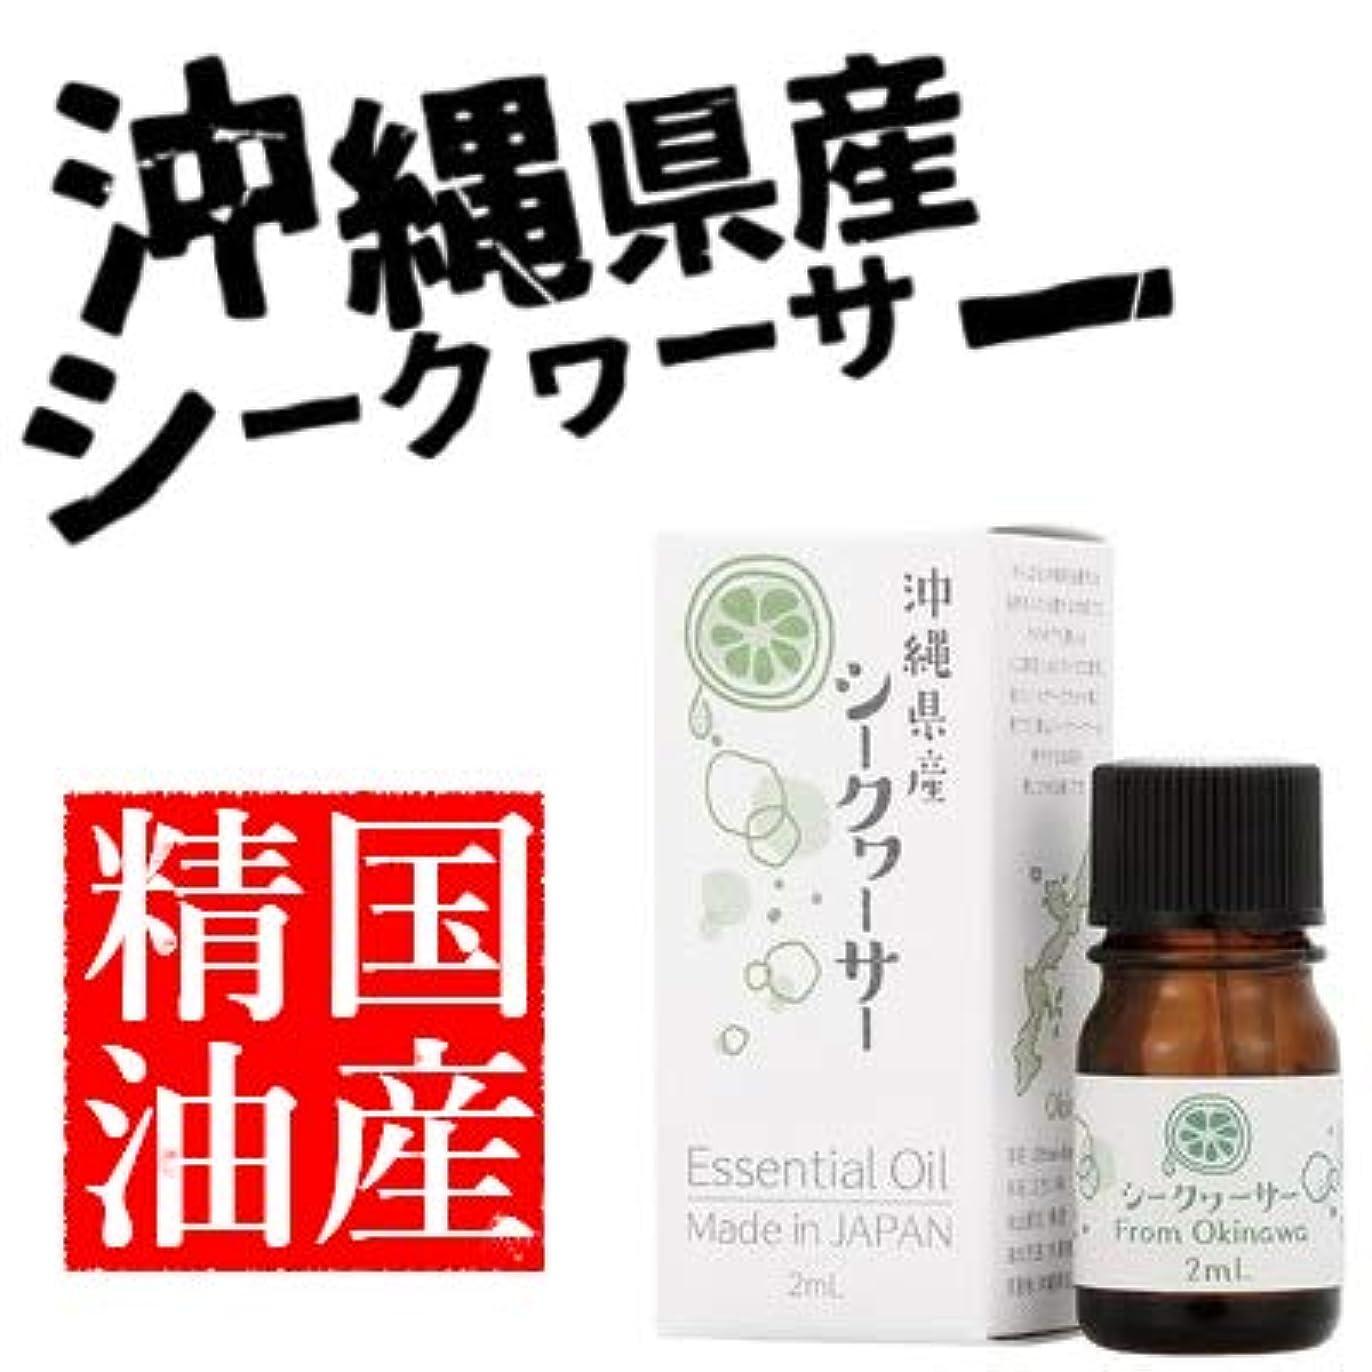 日本の香りシリーズ エッセンシャルオイル 国産精油 (シークヮーサー)